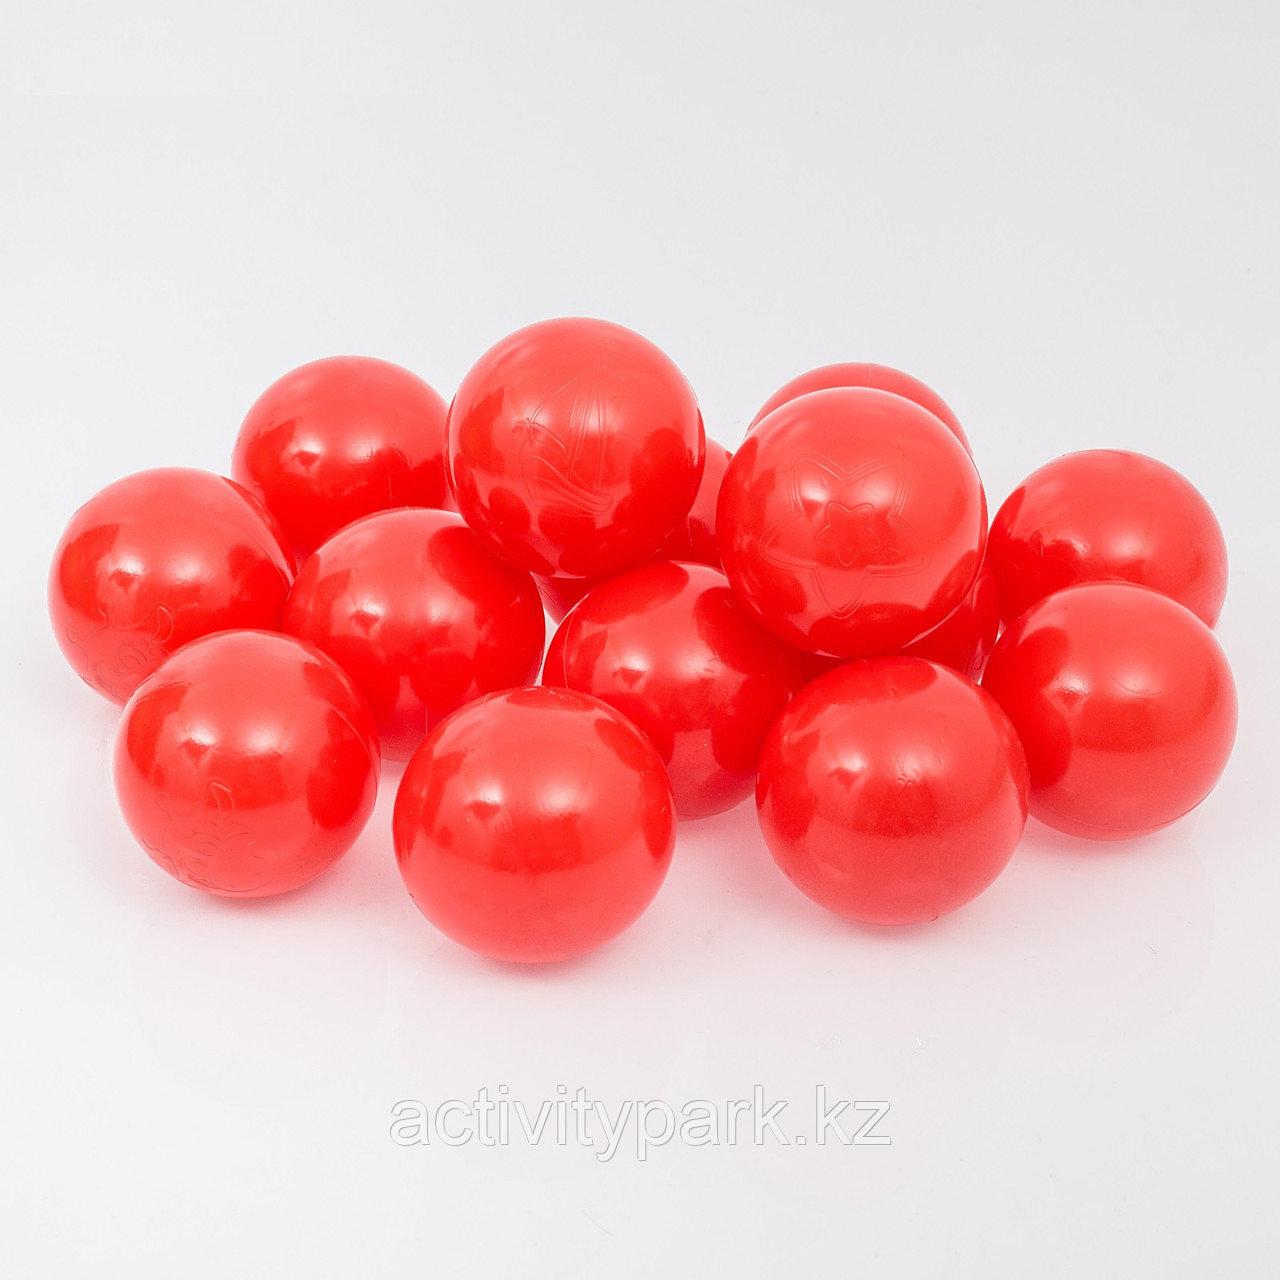 Шары для сухого бассейна Красные